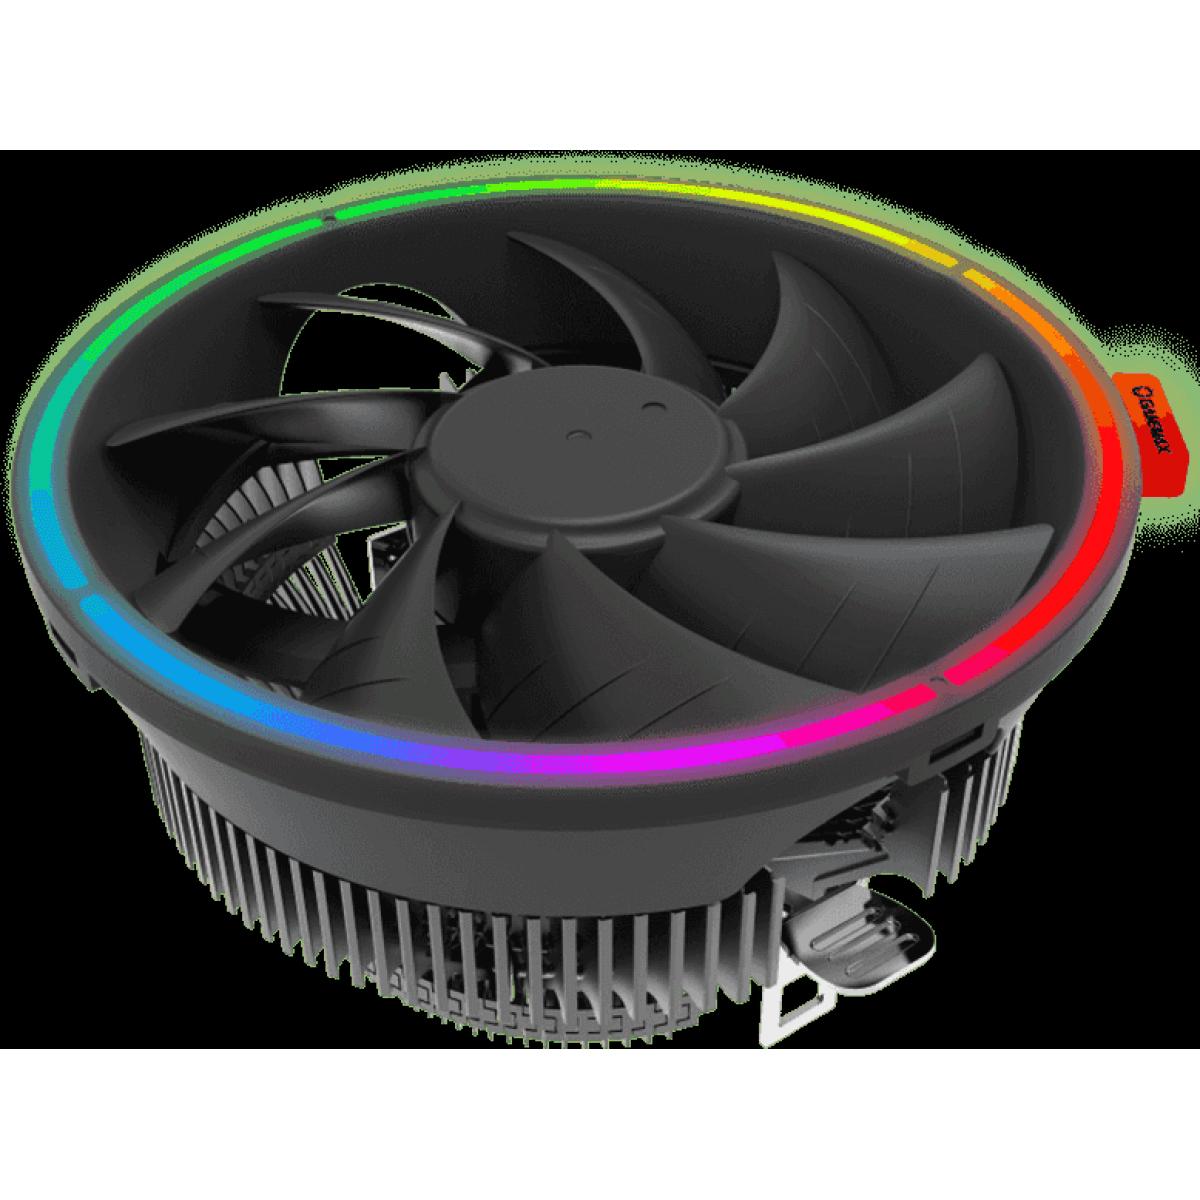 Cooler para Processador Gamemax Gamma 200, Rainbow, 125mm, Intel-AMD